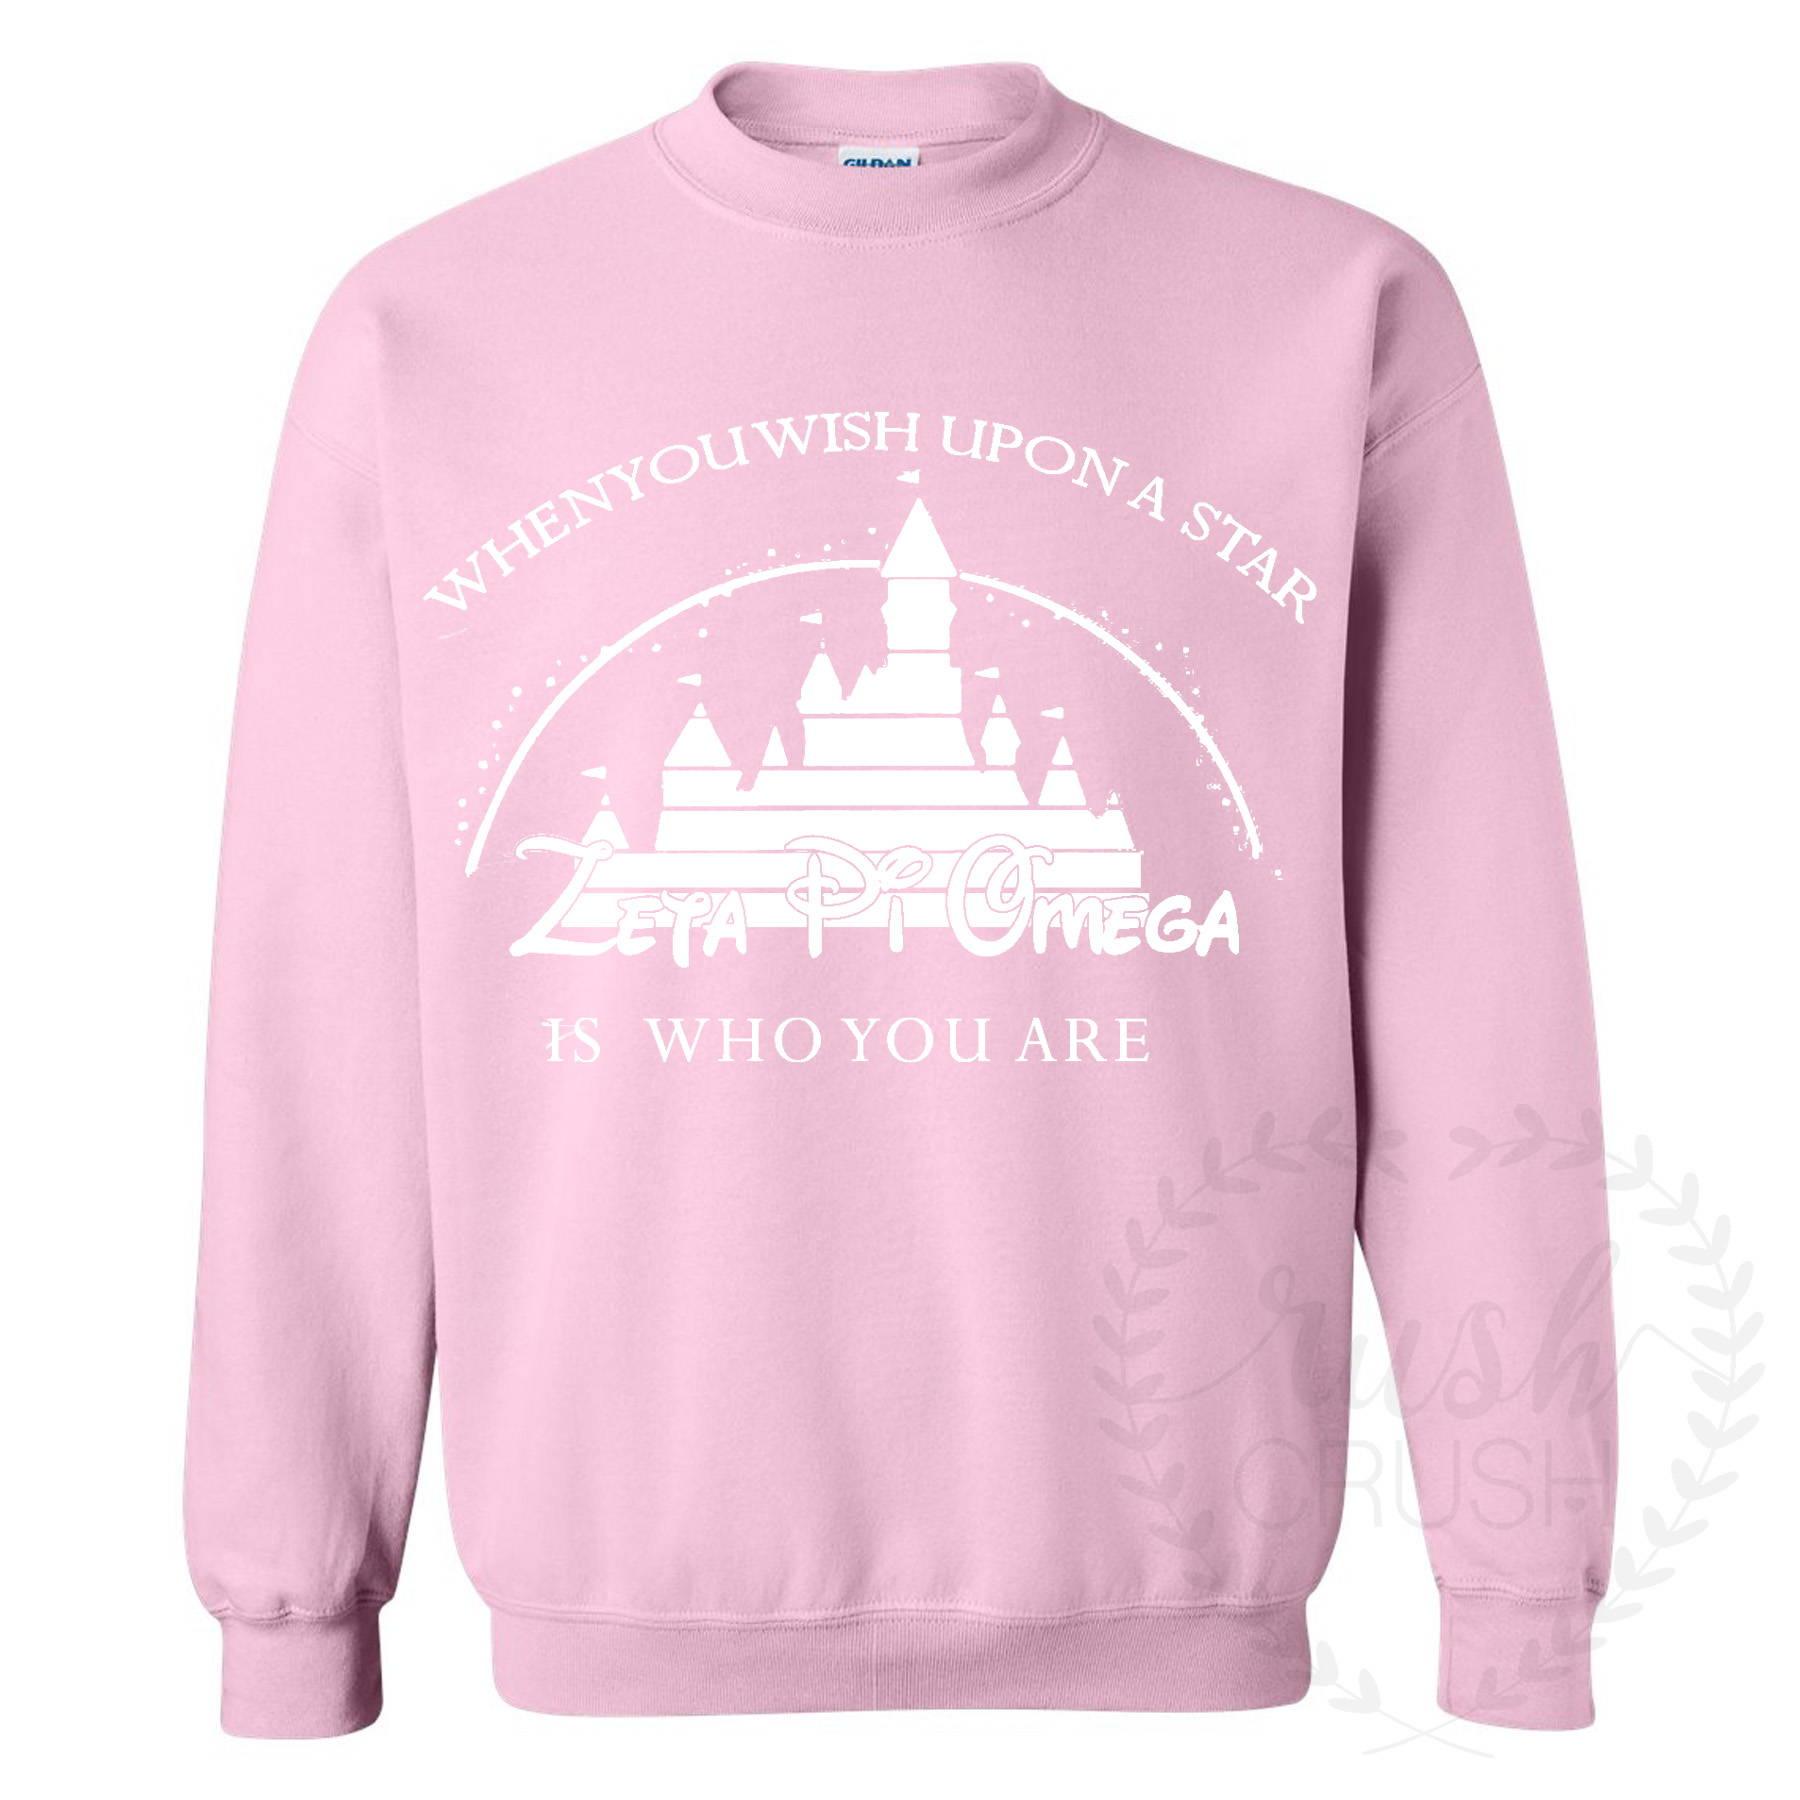 Zeta Pi Omega Clothing